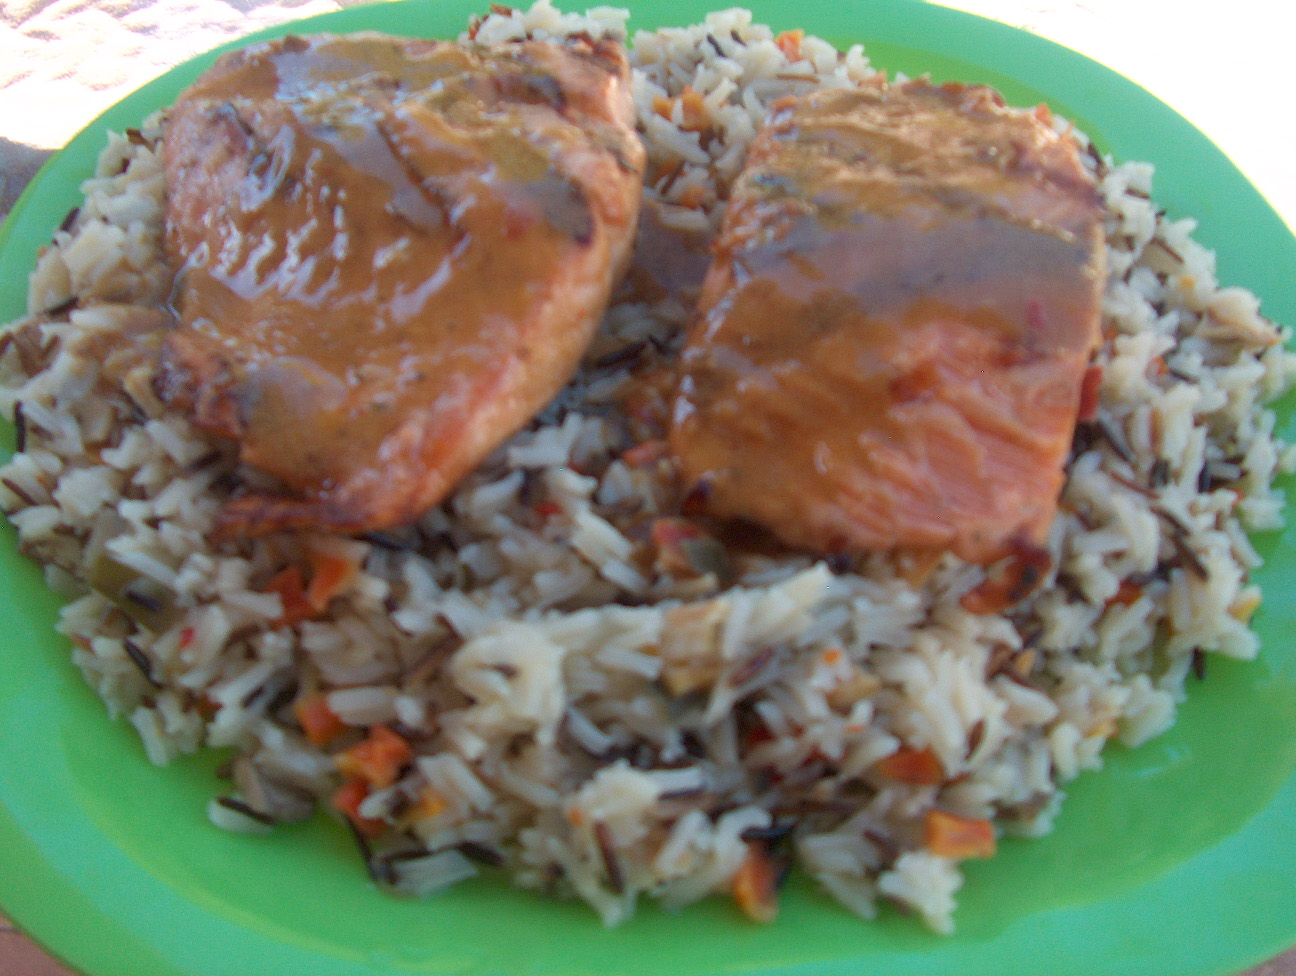 ... salmon maple salmon salmon the slammin salmon slammin salmon flickr